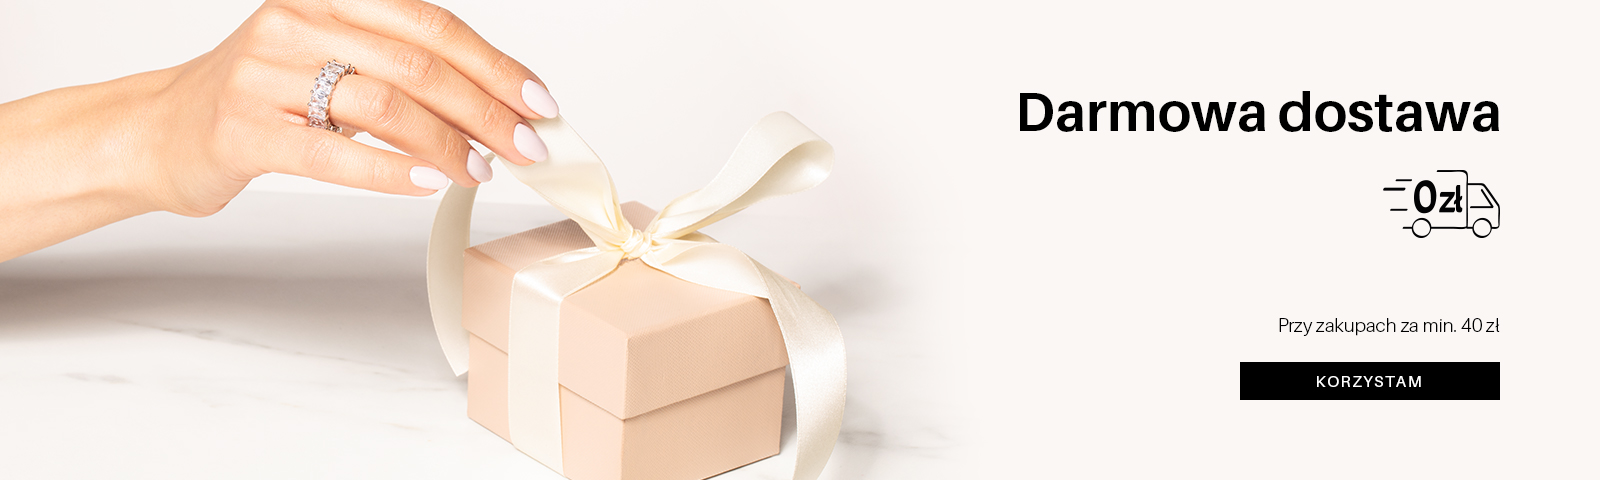 DD przy zakupach za min. 40 zł. (17.05.2021) Darmowa dostawa od 40 zł  NA ZAKUPY!